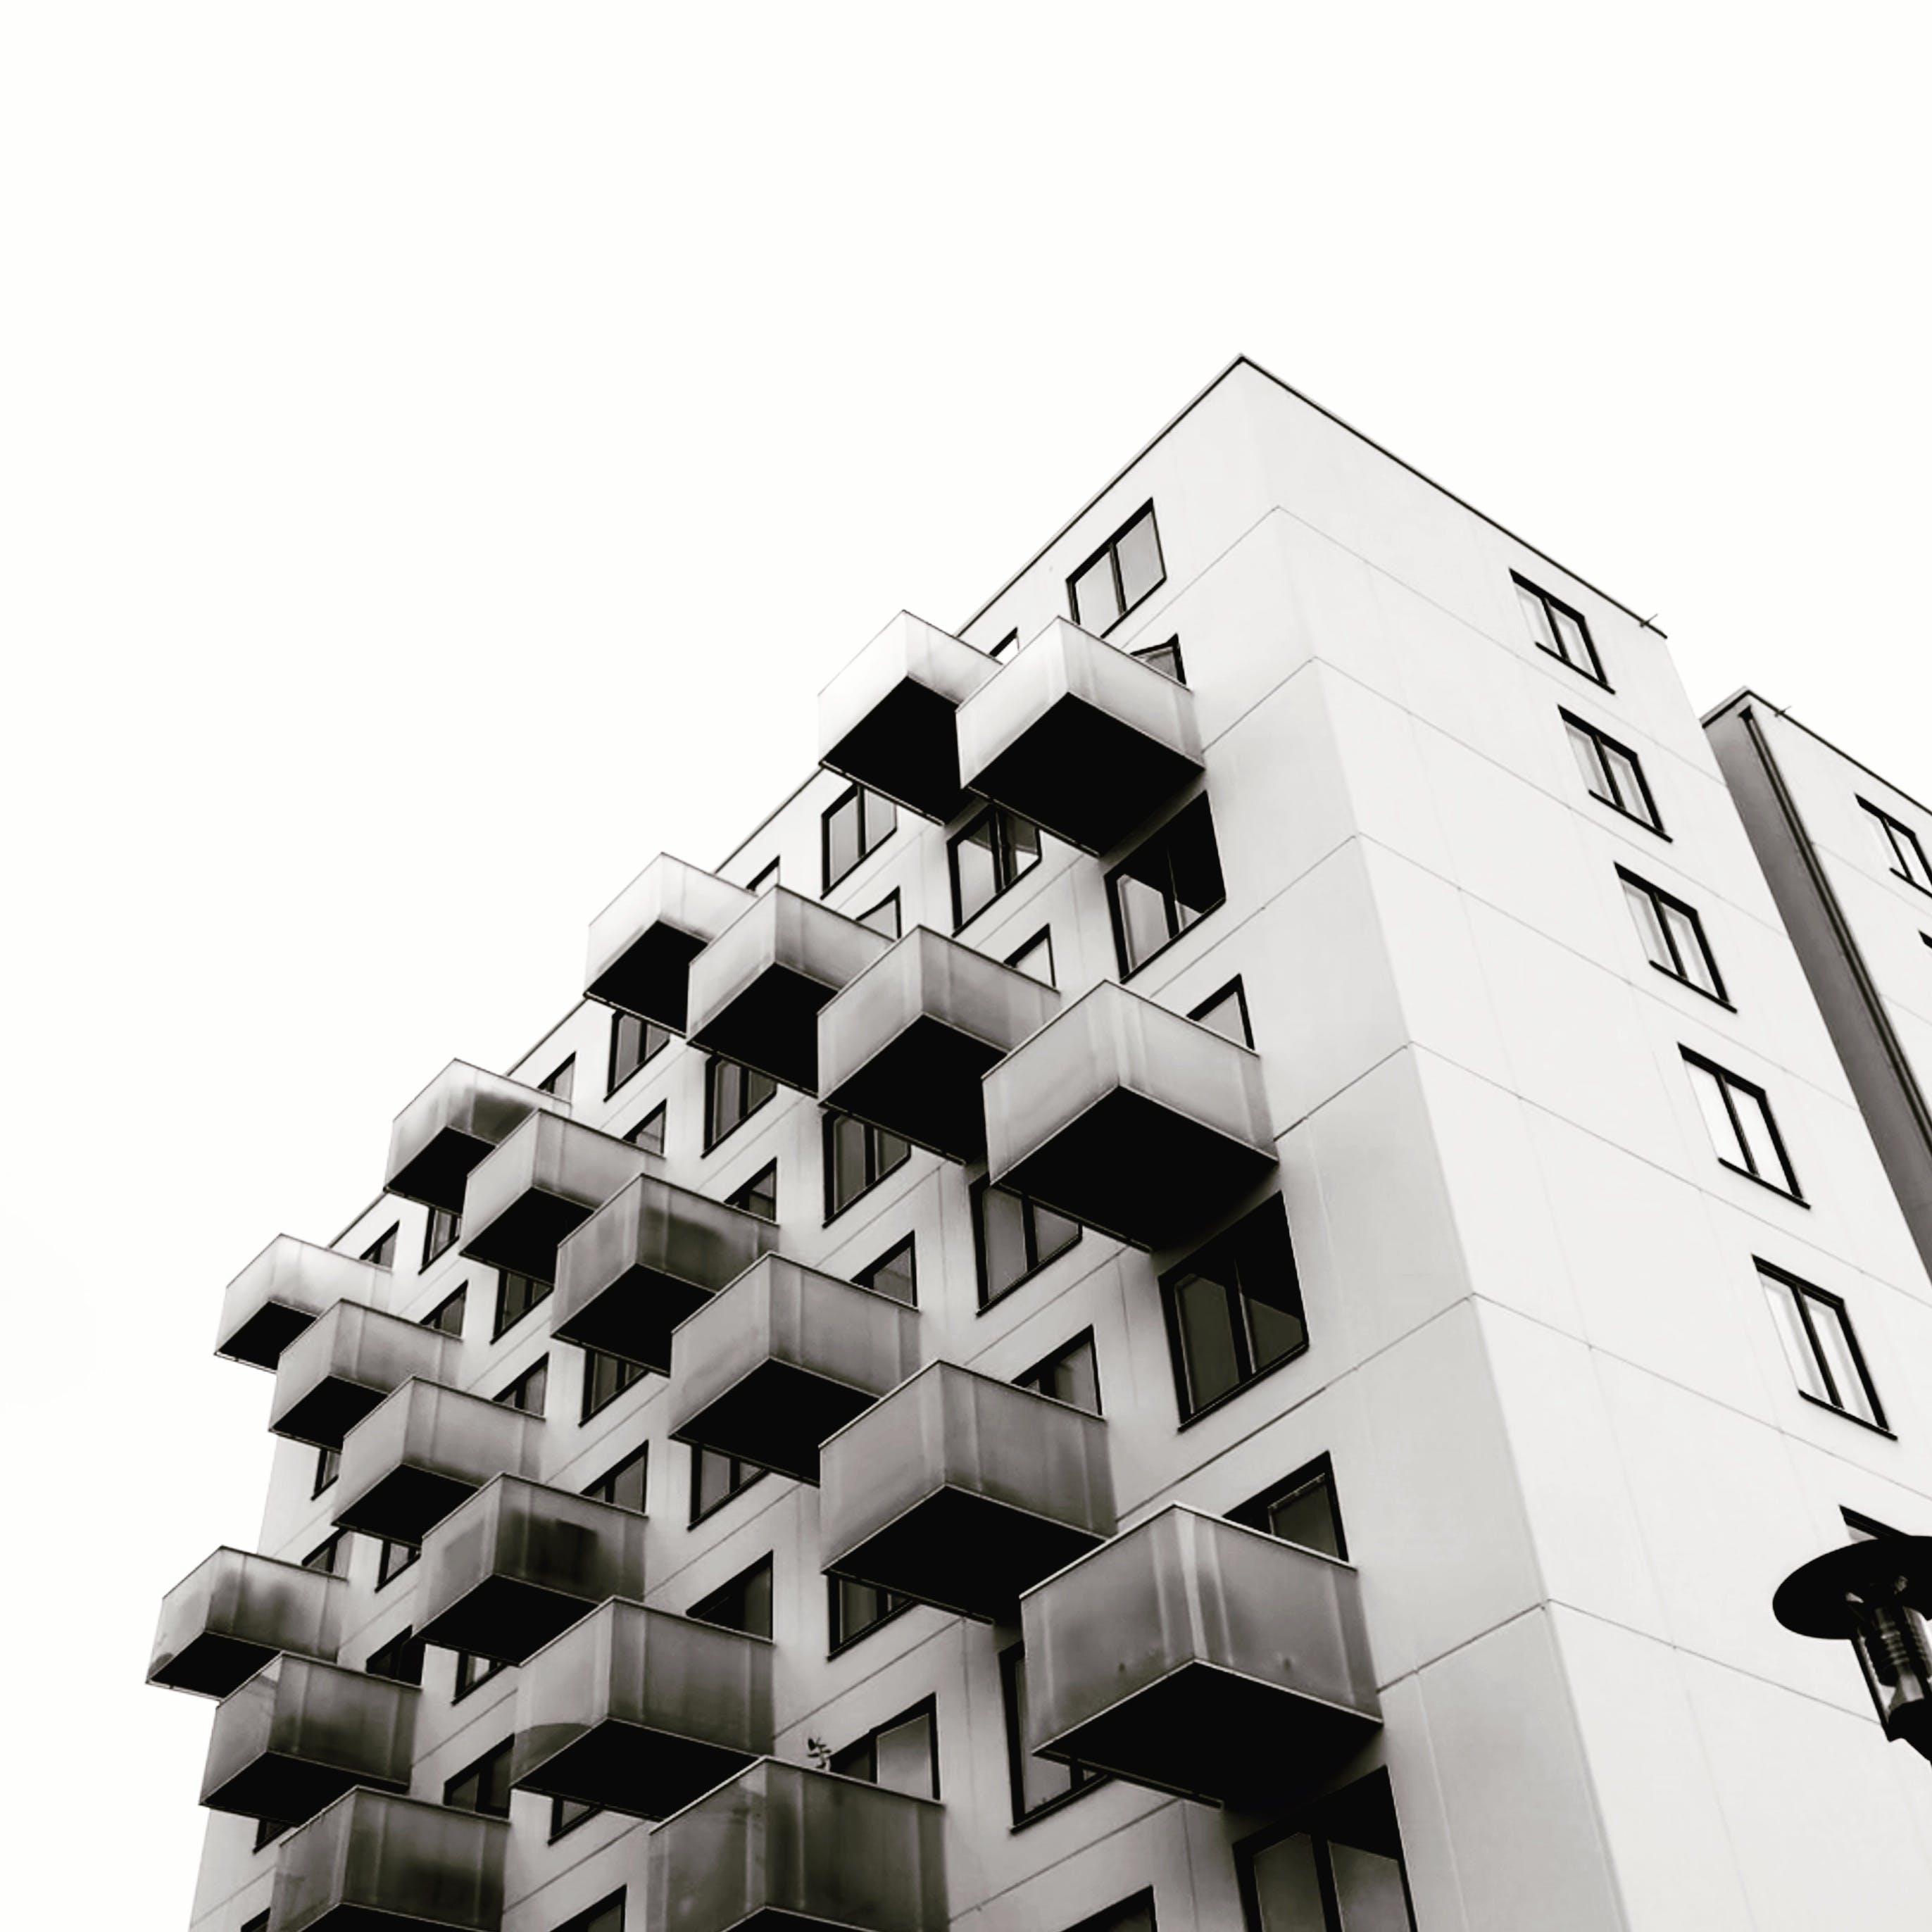 Kostenloses Stock Foto zu architektur, aufnahme von unten, echt, perspektive